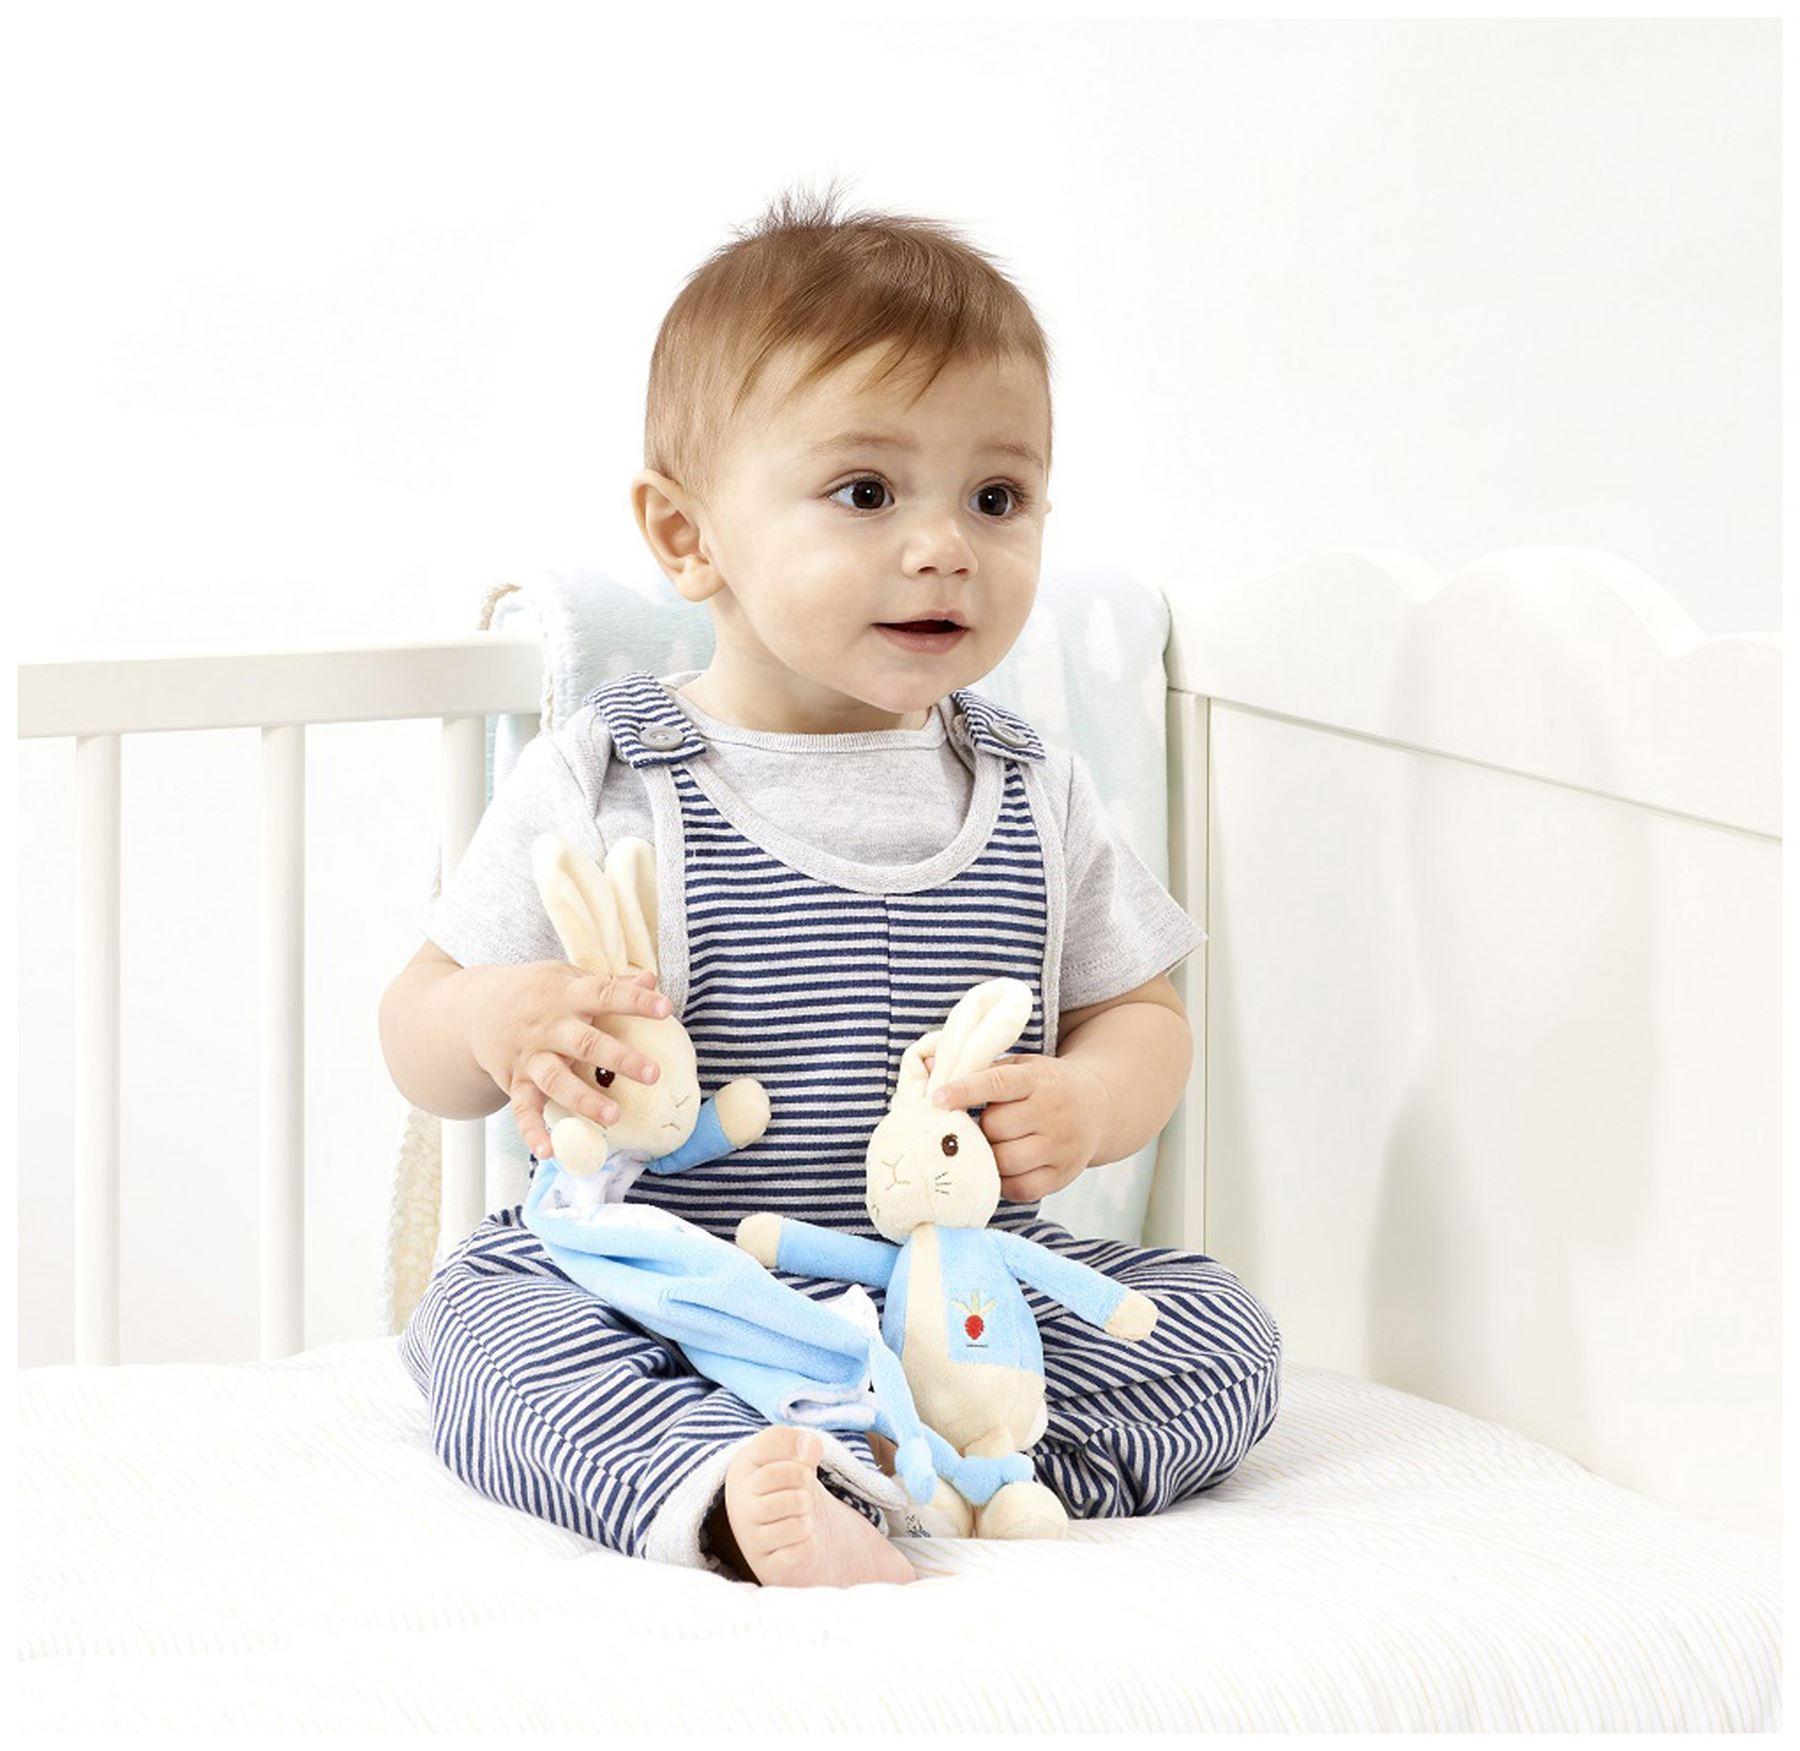 Rainbow Designs PETER RABBIT COMFORT BLANKET Baby Toys Activities BNIP